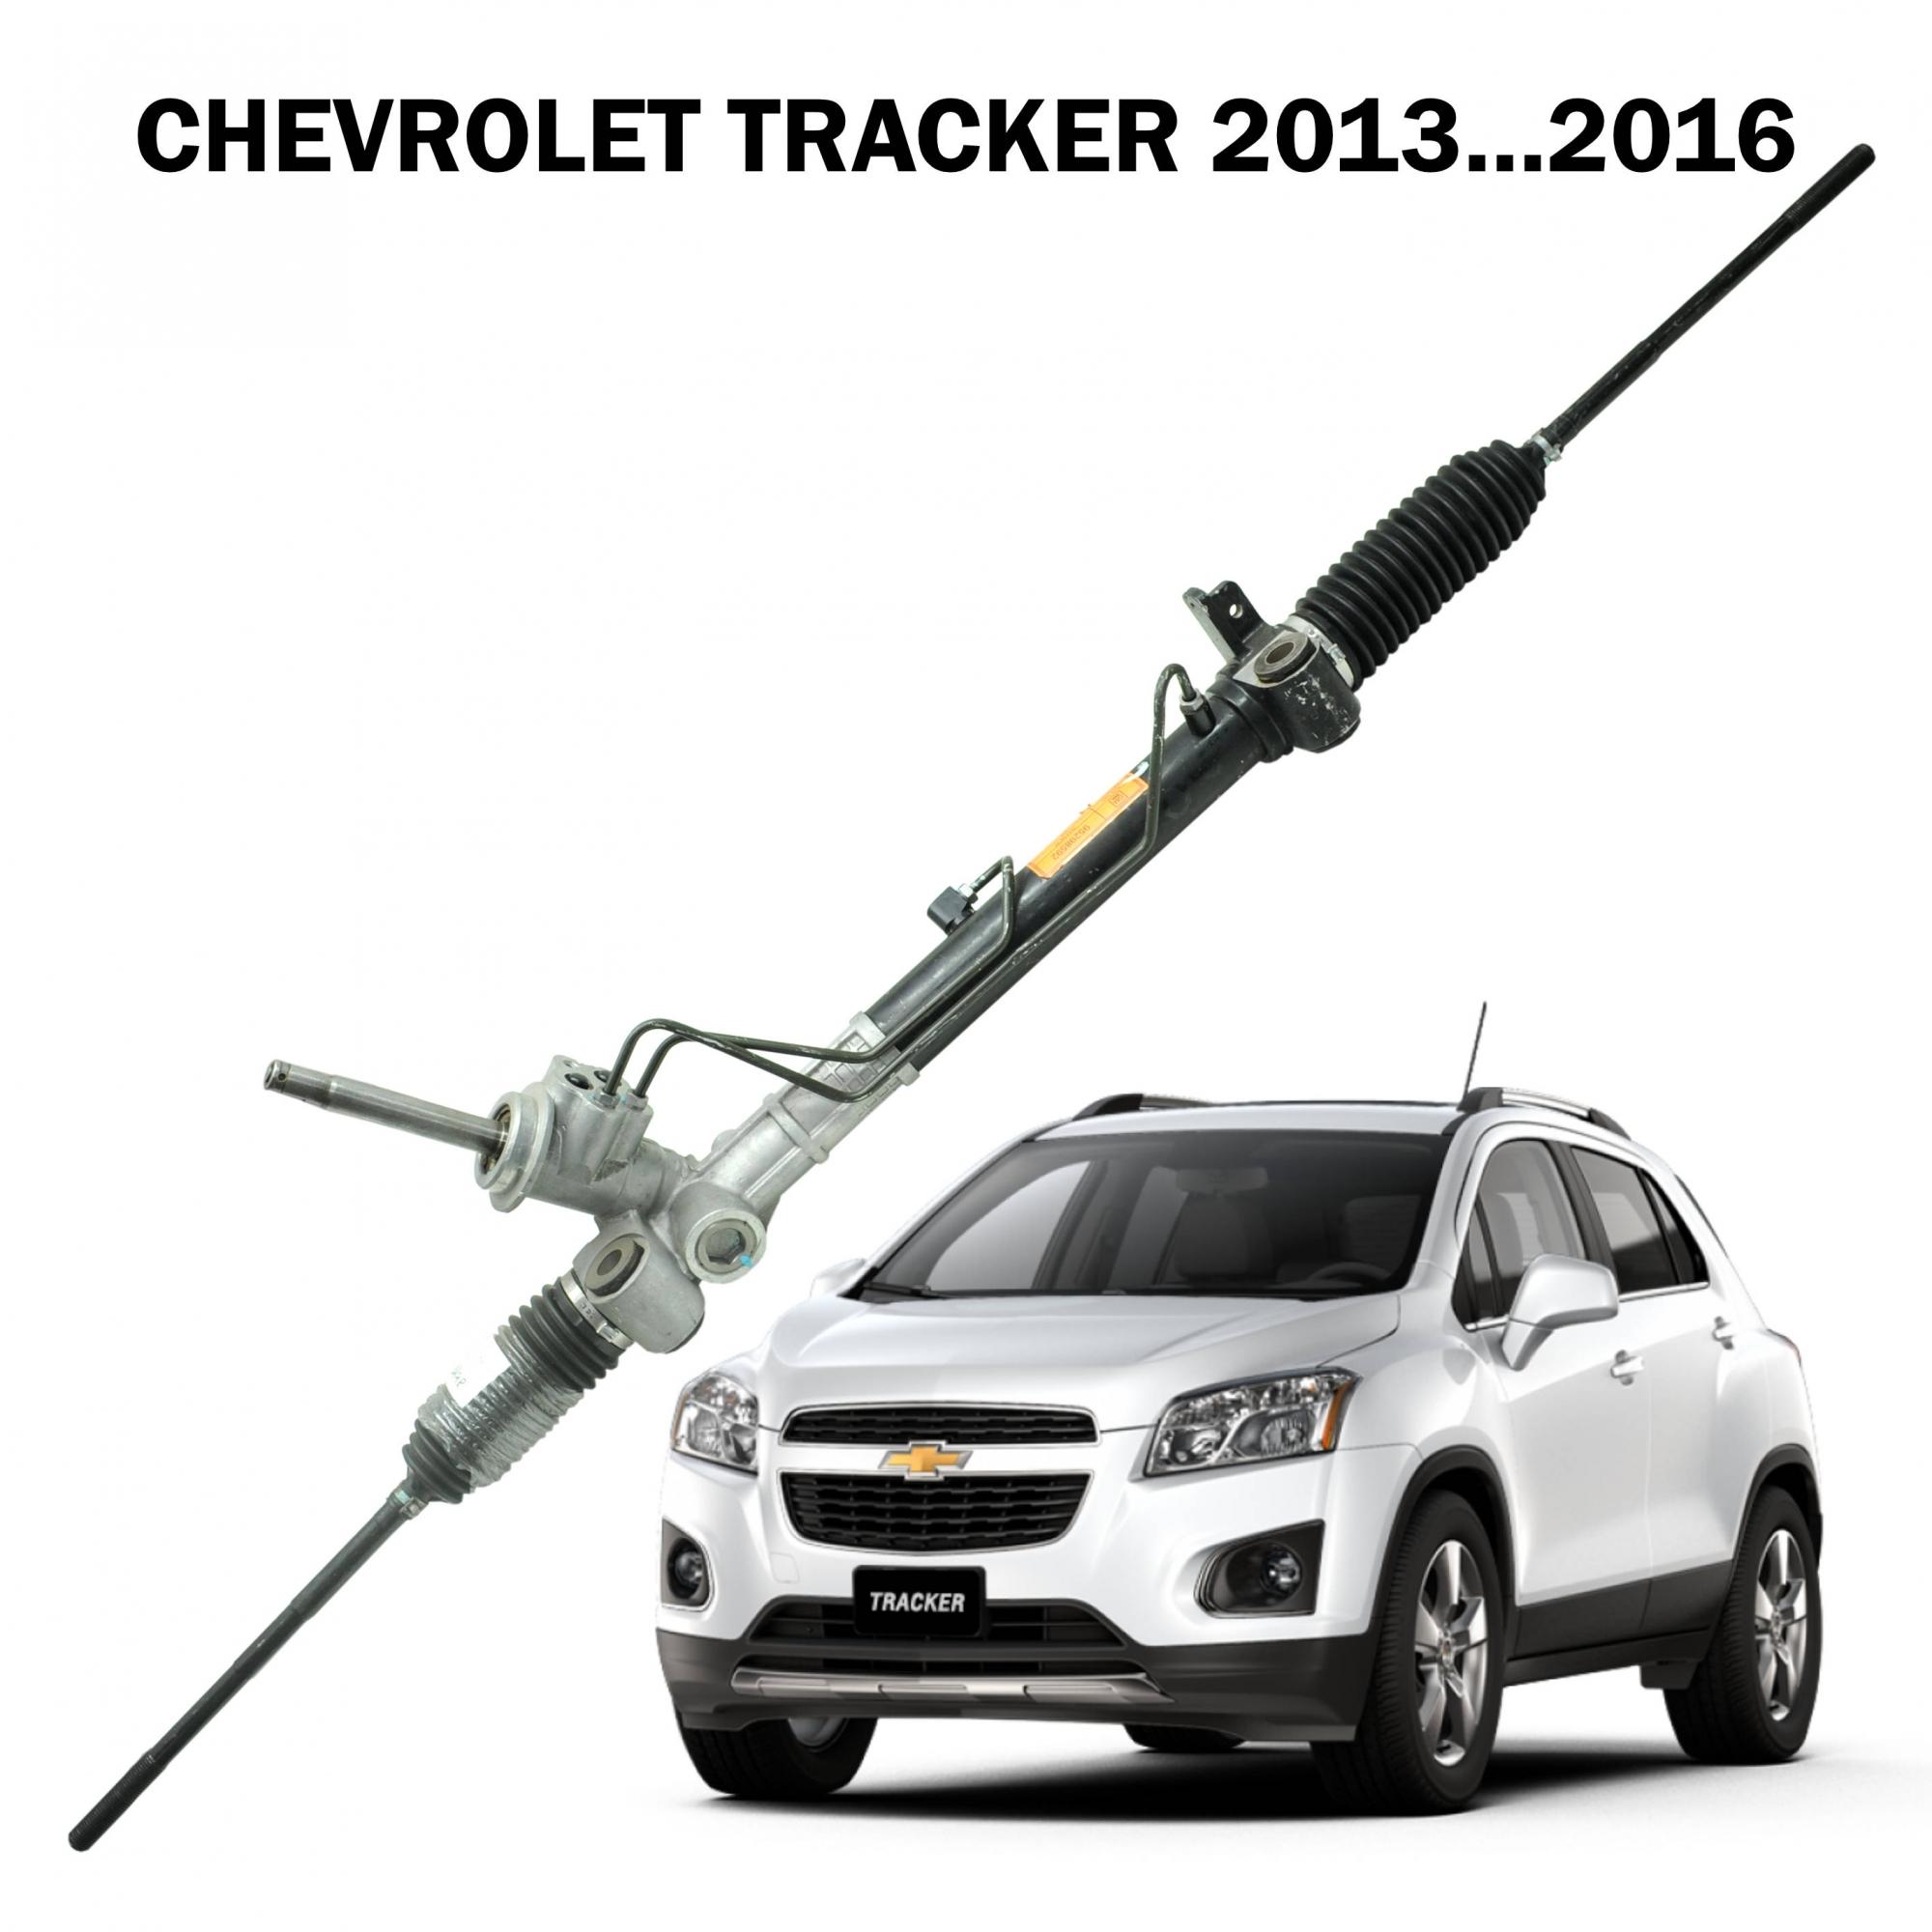 Caixa Direção Hidráulica TRW Tracker 2013...2016 95298592